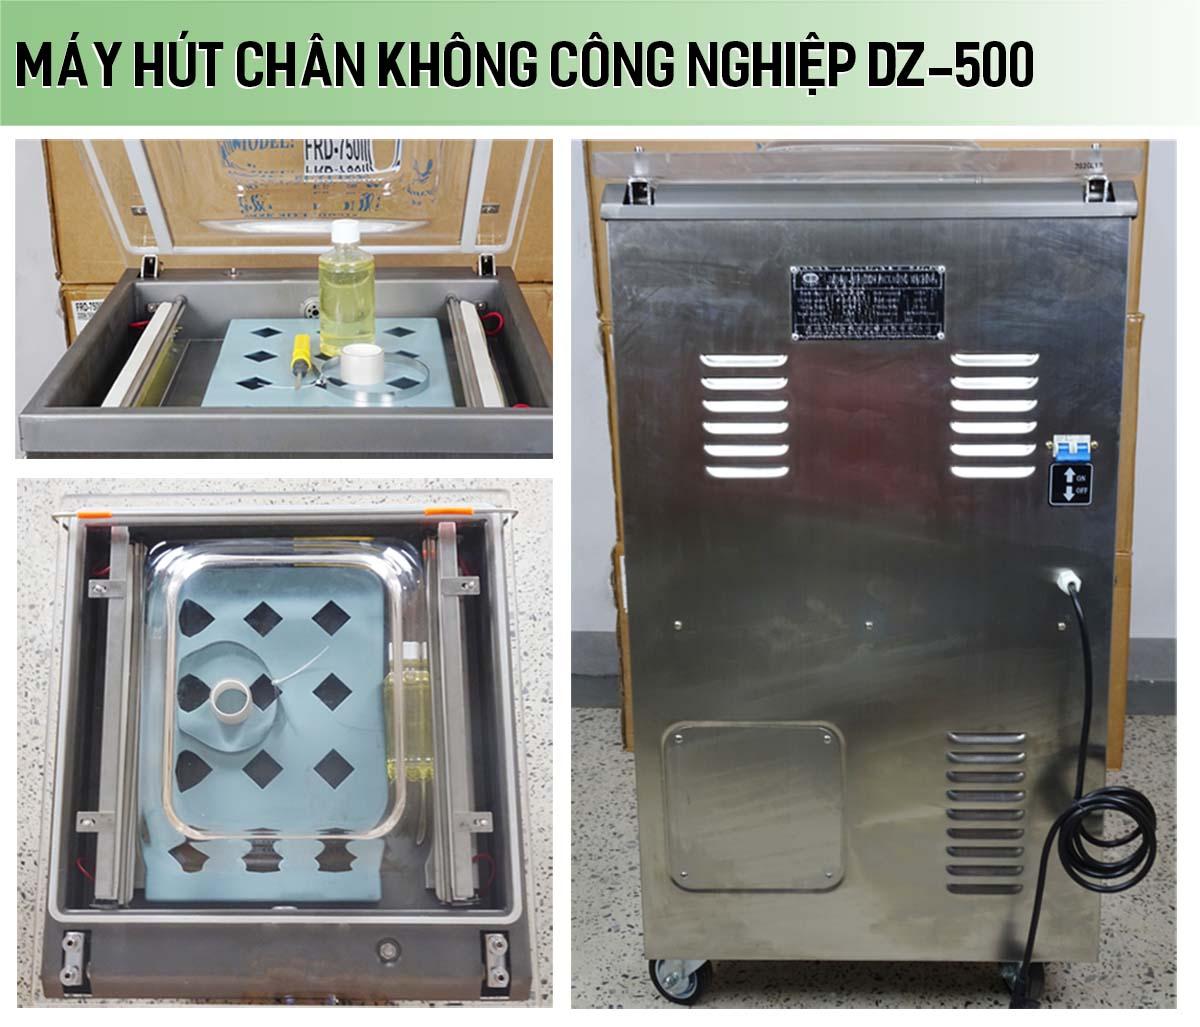 Máy hút chân không công nghệp DZ-500